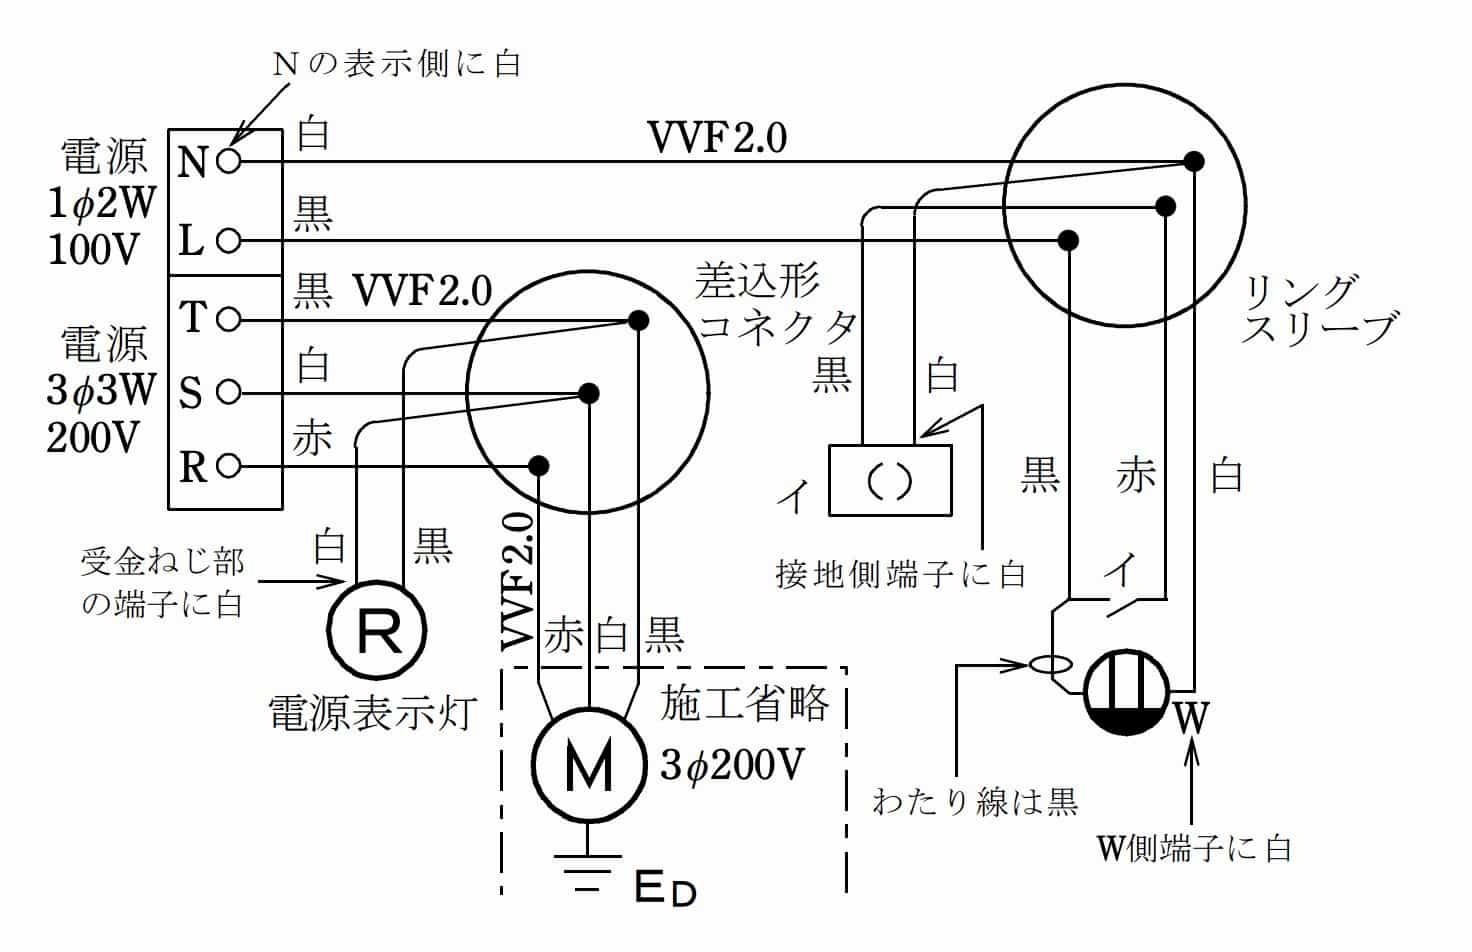 第二種電気工事士の技能試験の試験問題No.4の複線図